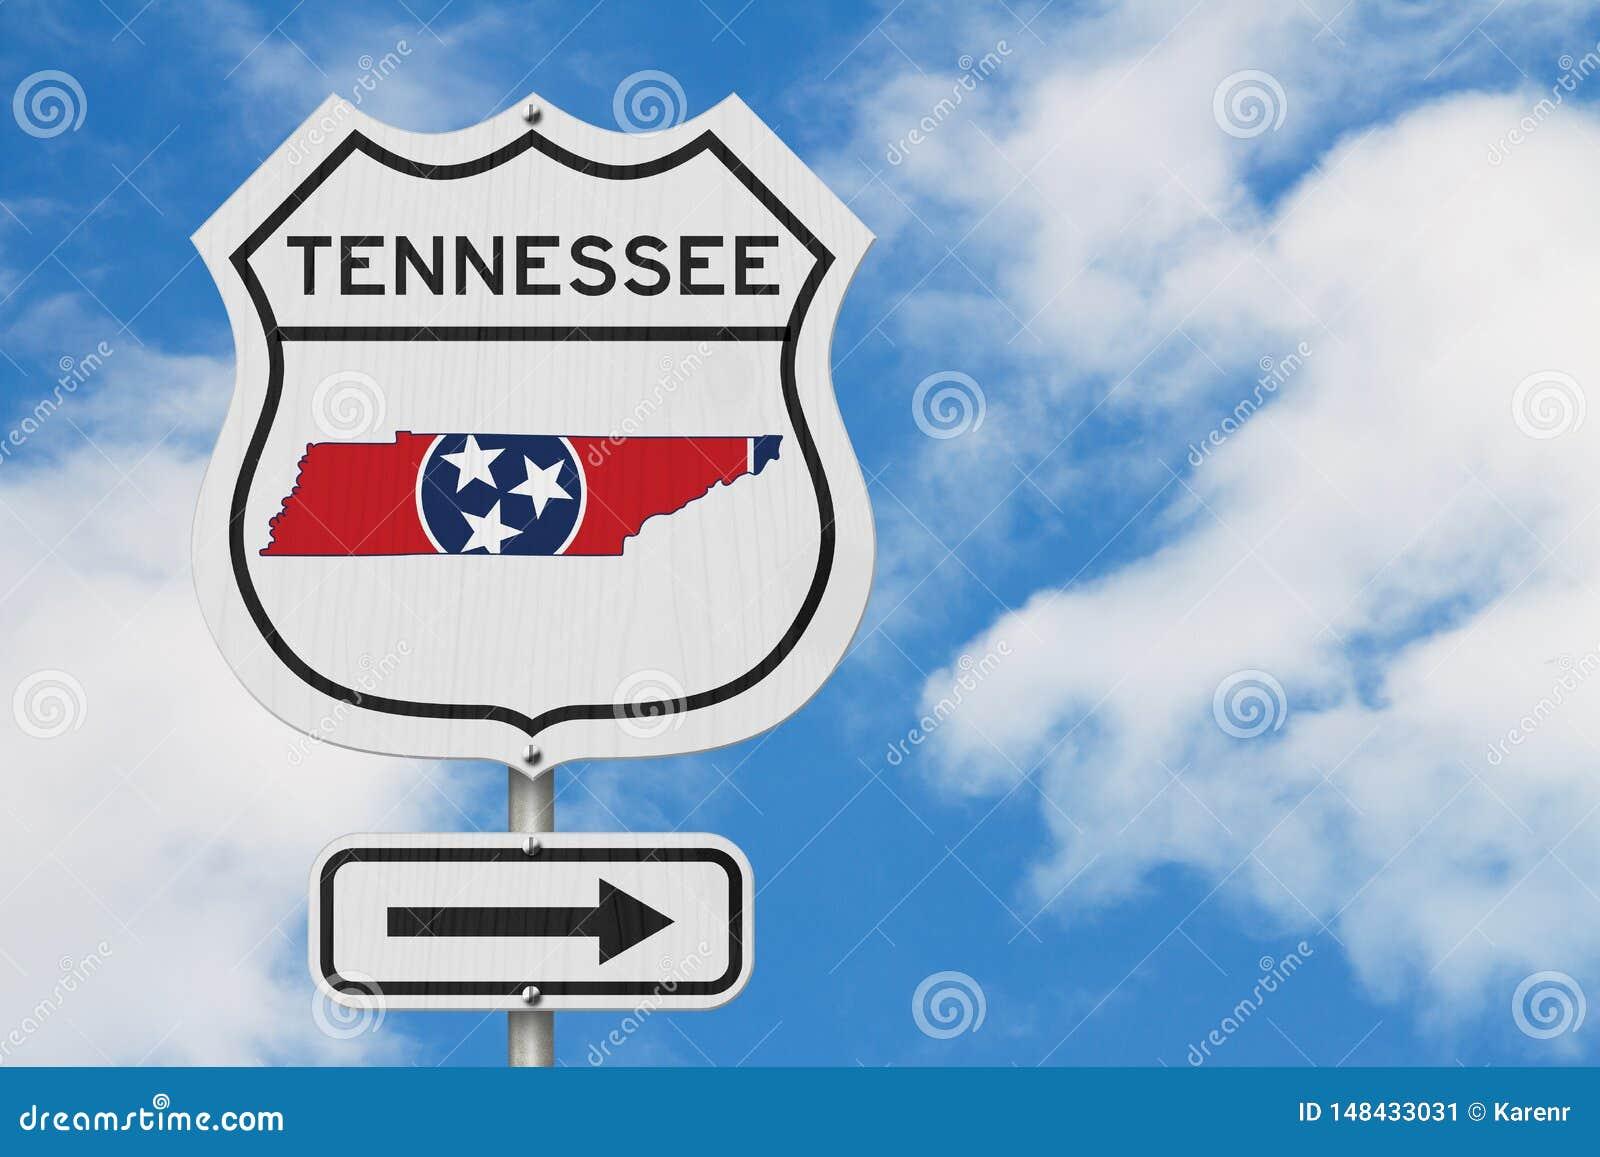 Tennessee-Karte und Zustandsflagge auf einem USA-LandstraßenVerkehrsschild